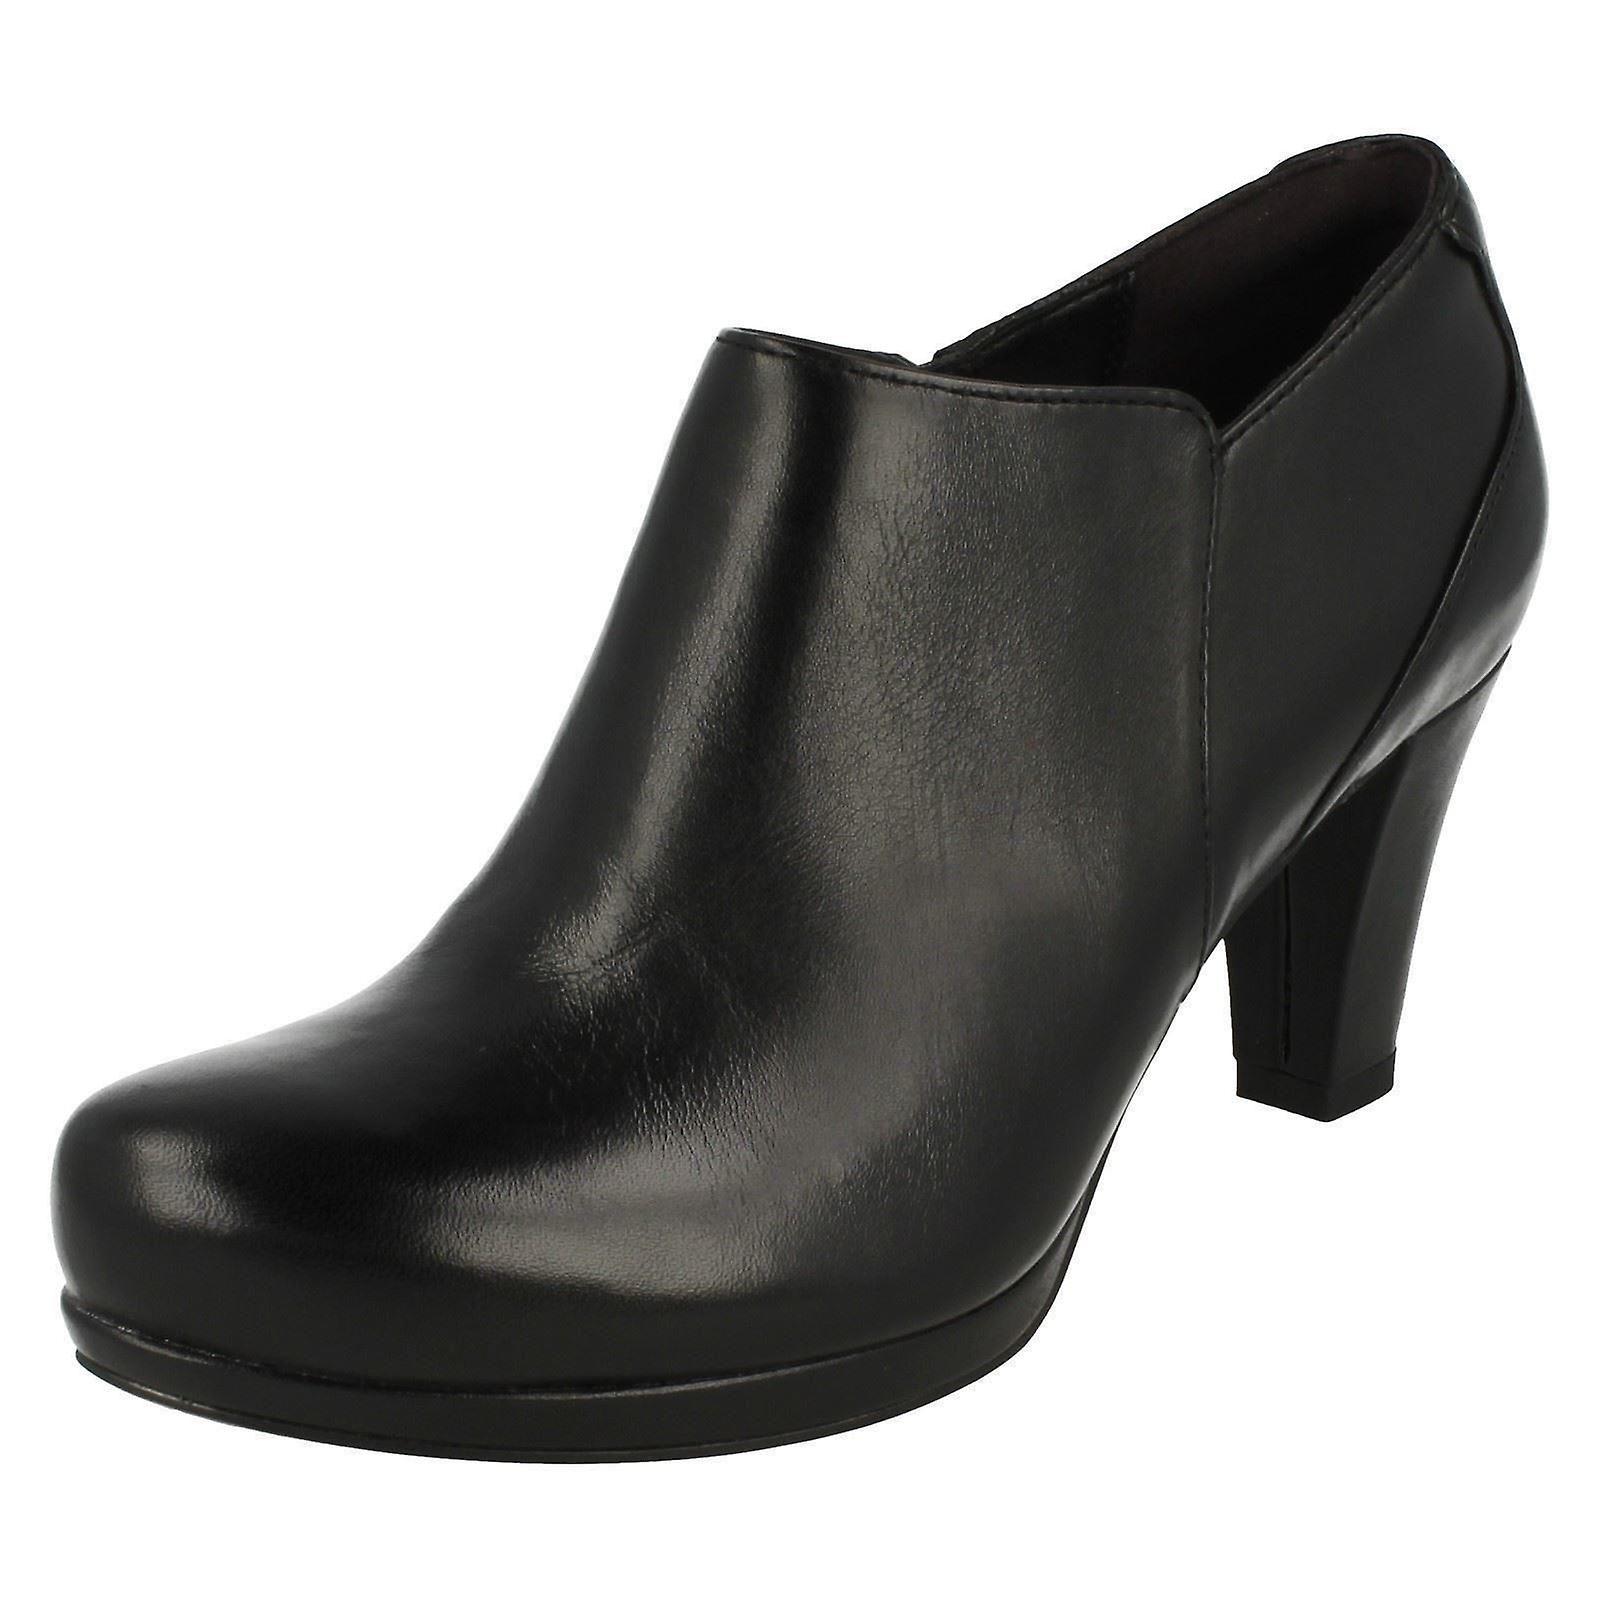 Clarks Ladies Smart scarpe col tacco coro vero